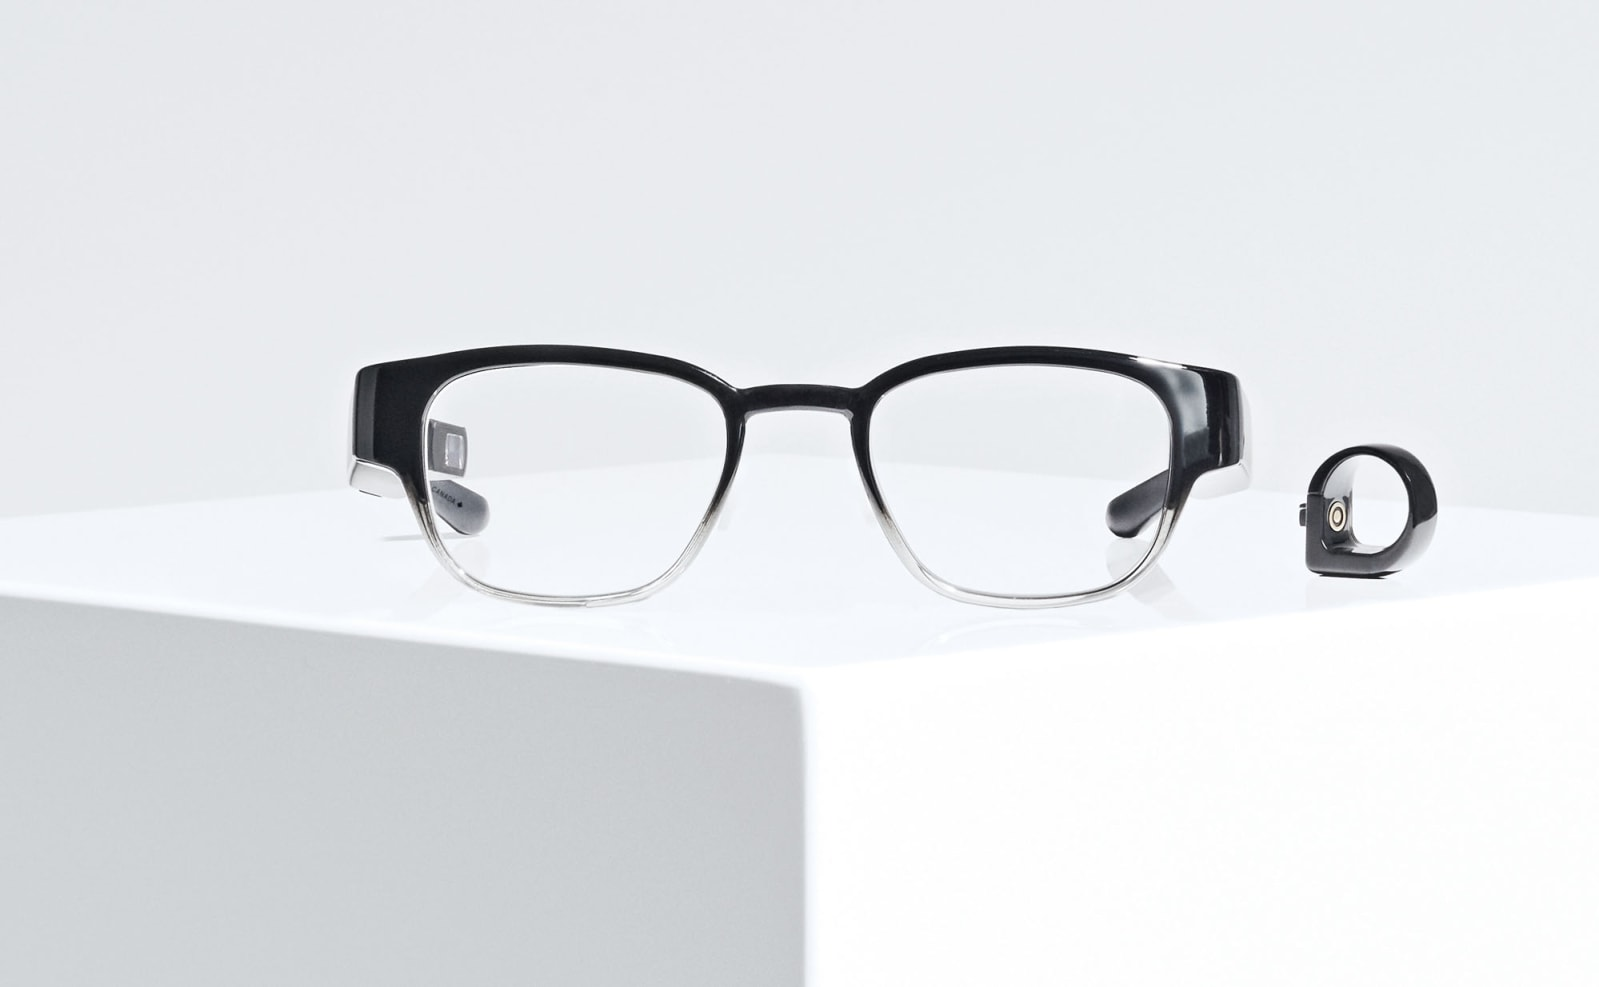 Custom-made smart glasses pick up where Google Glass left off